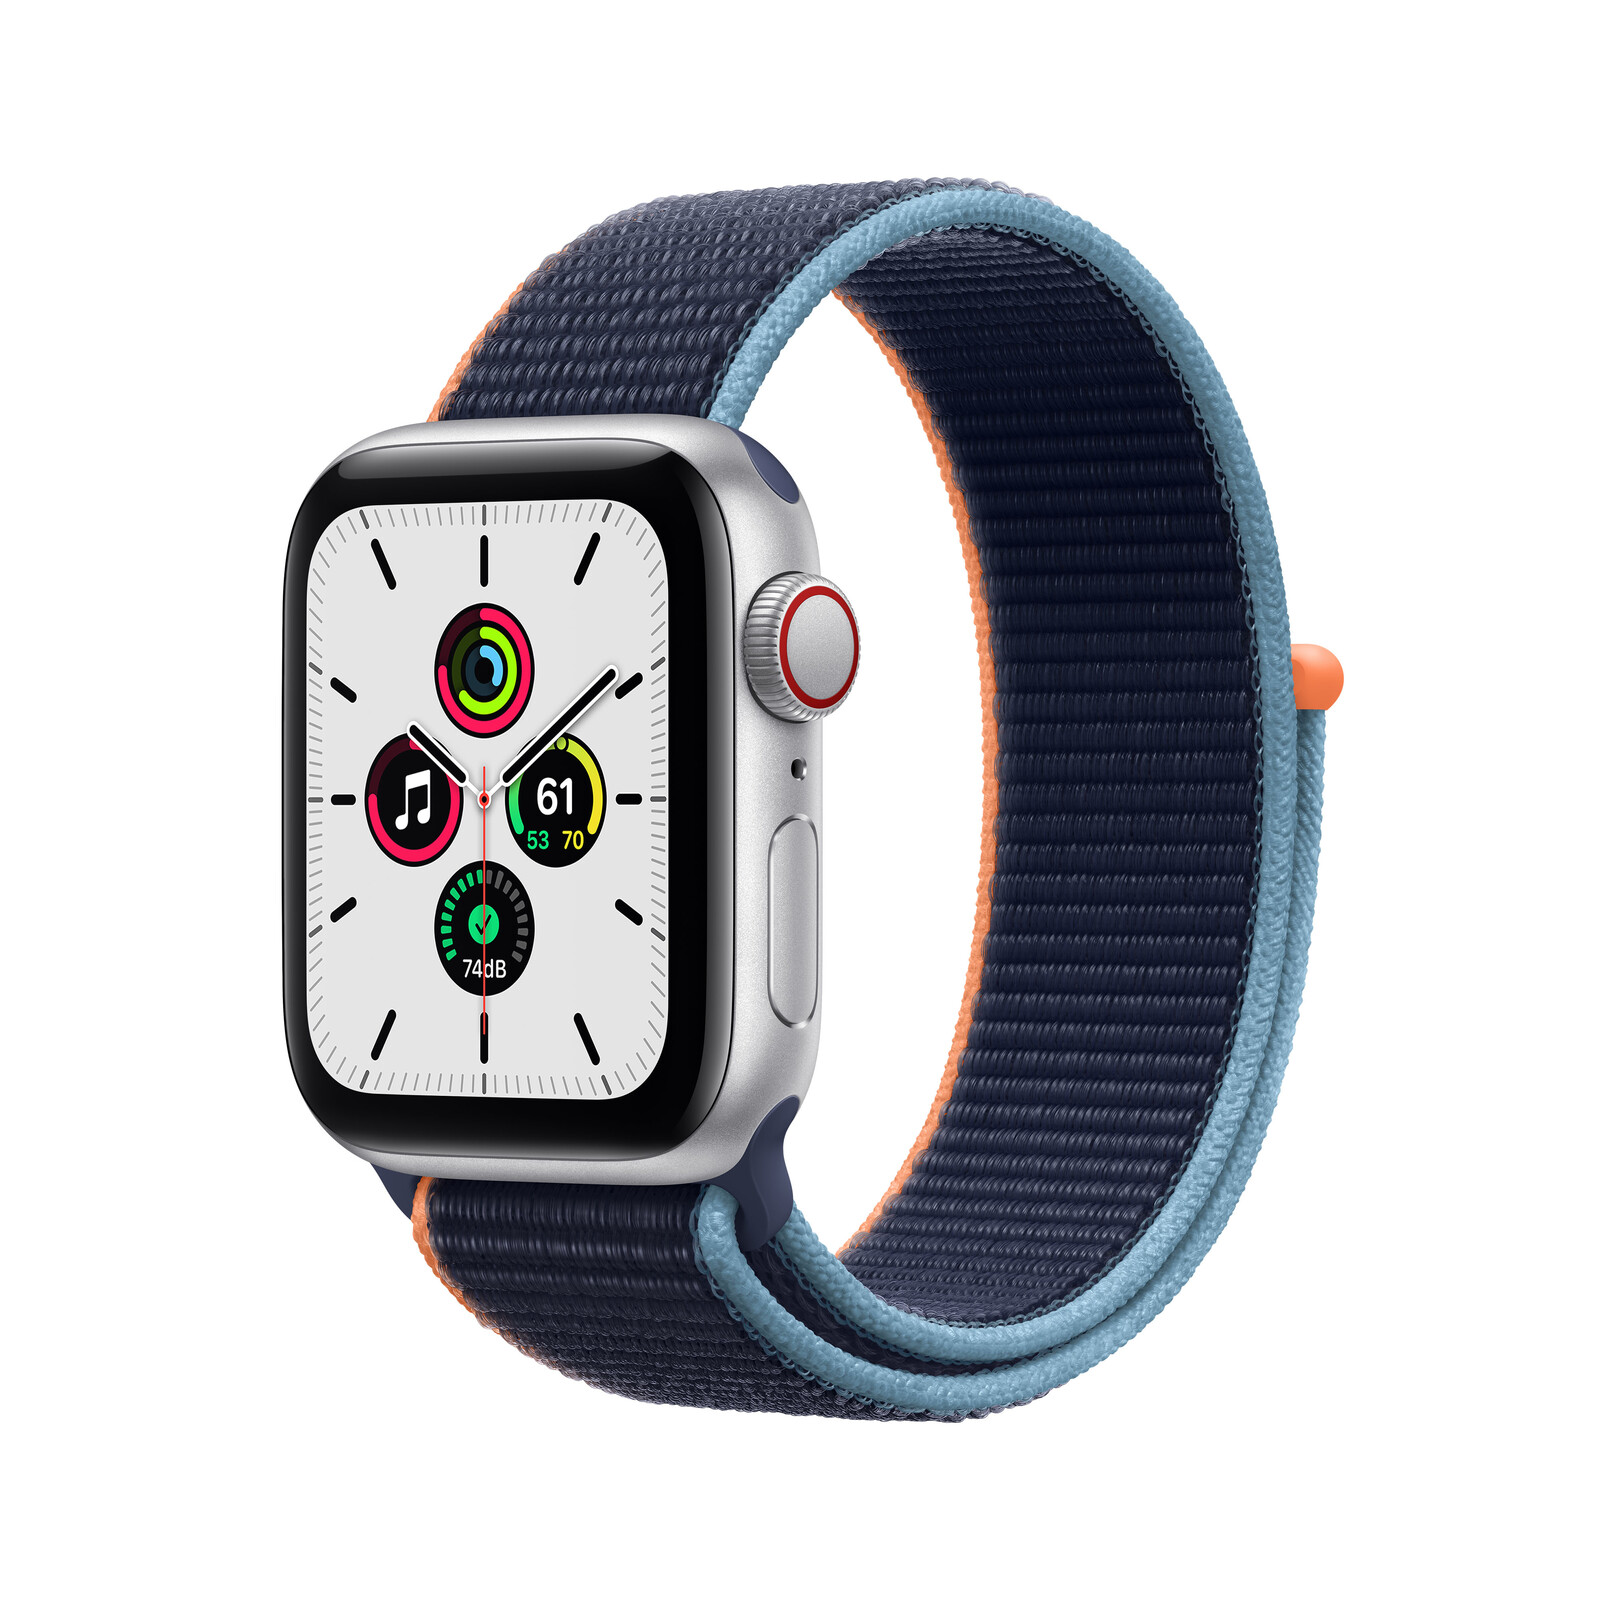 Apple Watch SE Cellular Alu silber 40mm marineblau